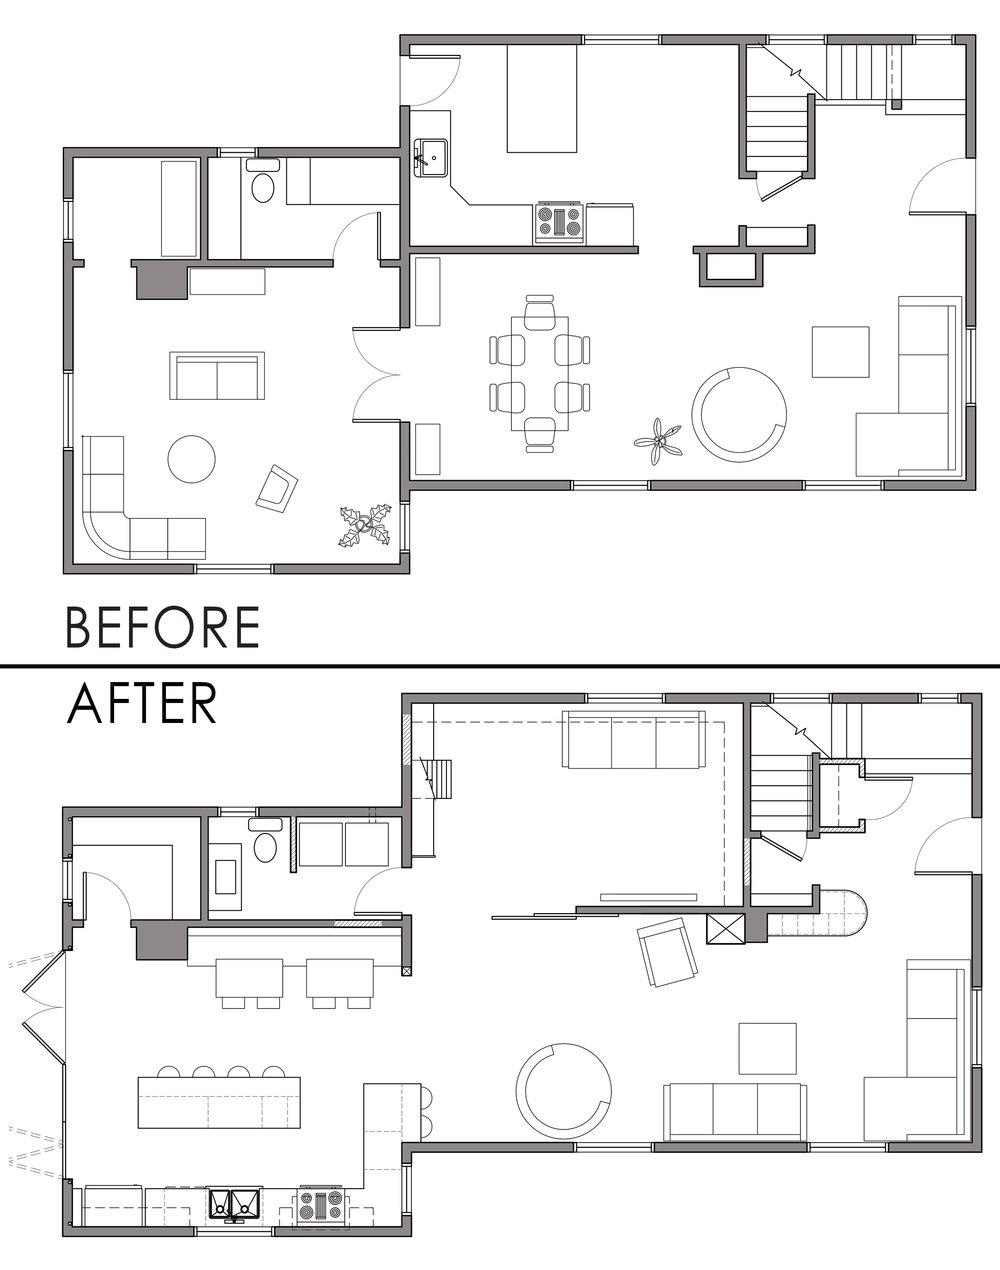 Harka Architecture_Stevens Home Remodel (23).jpg